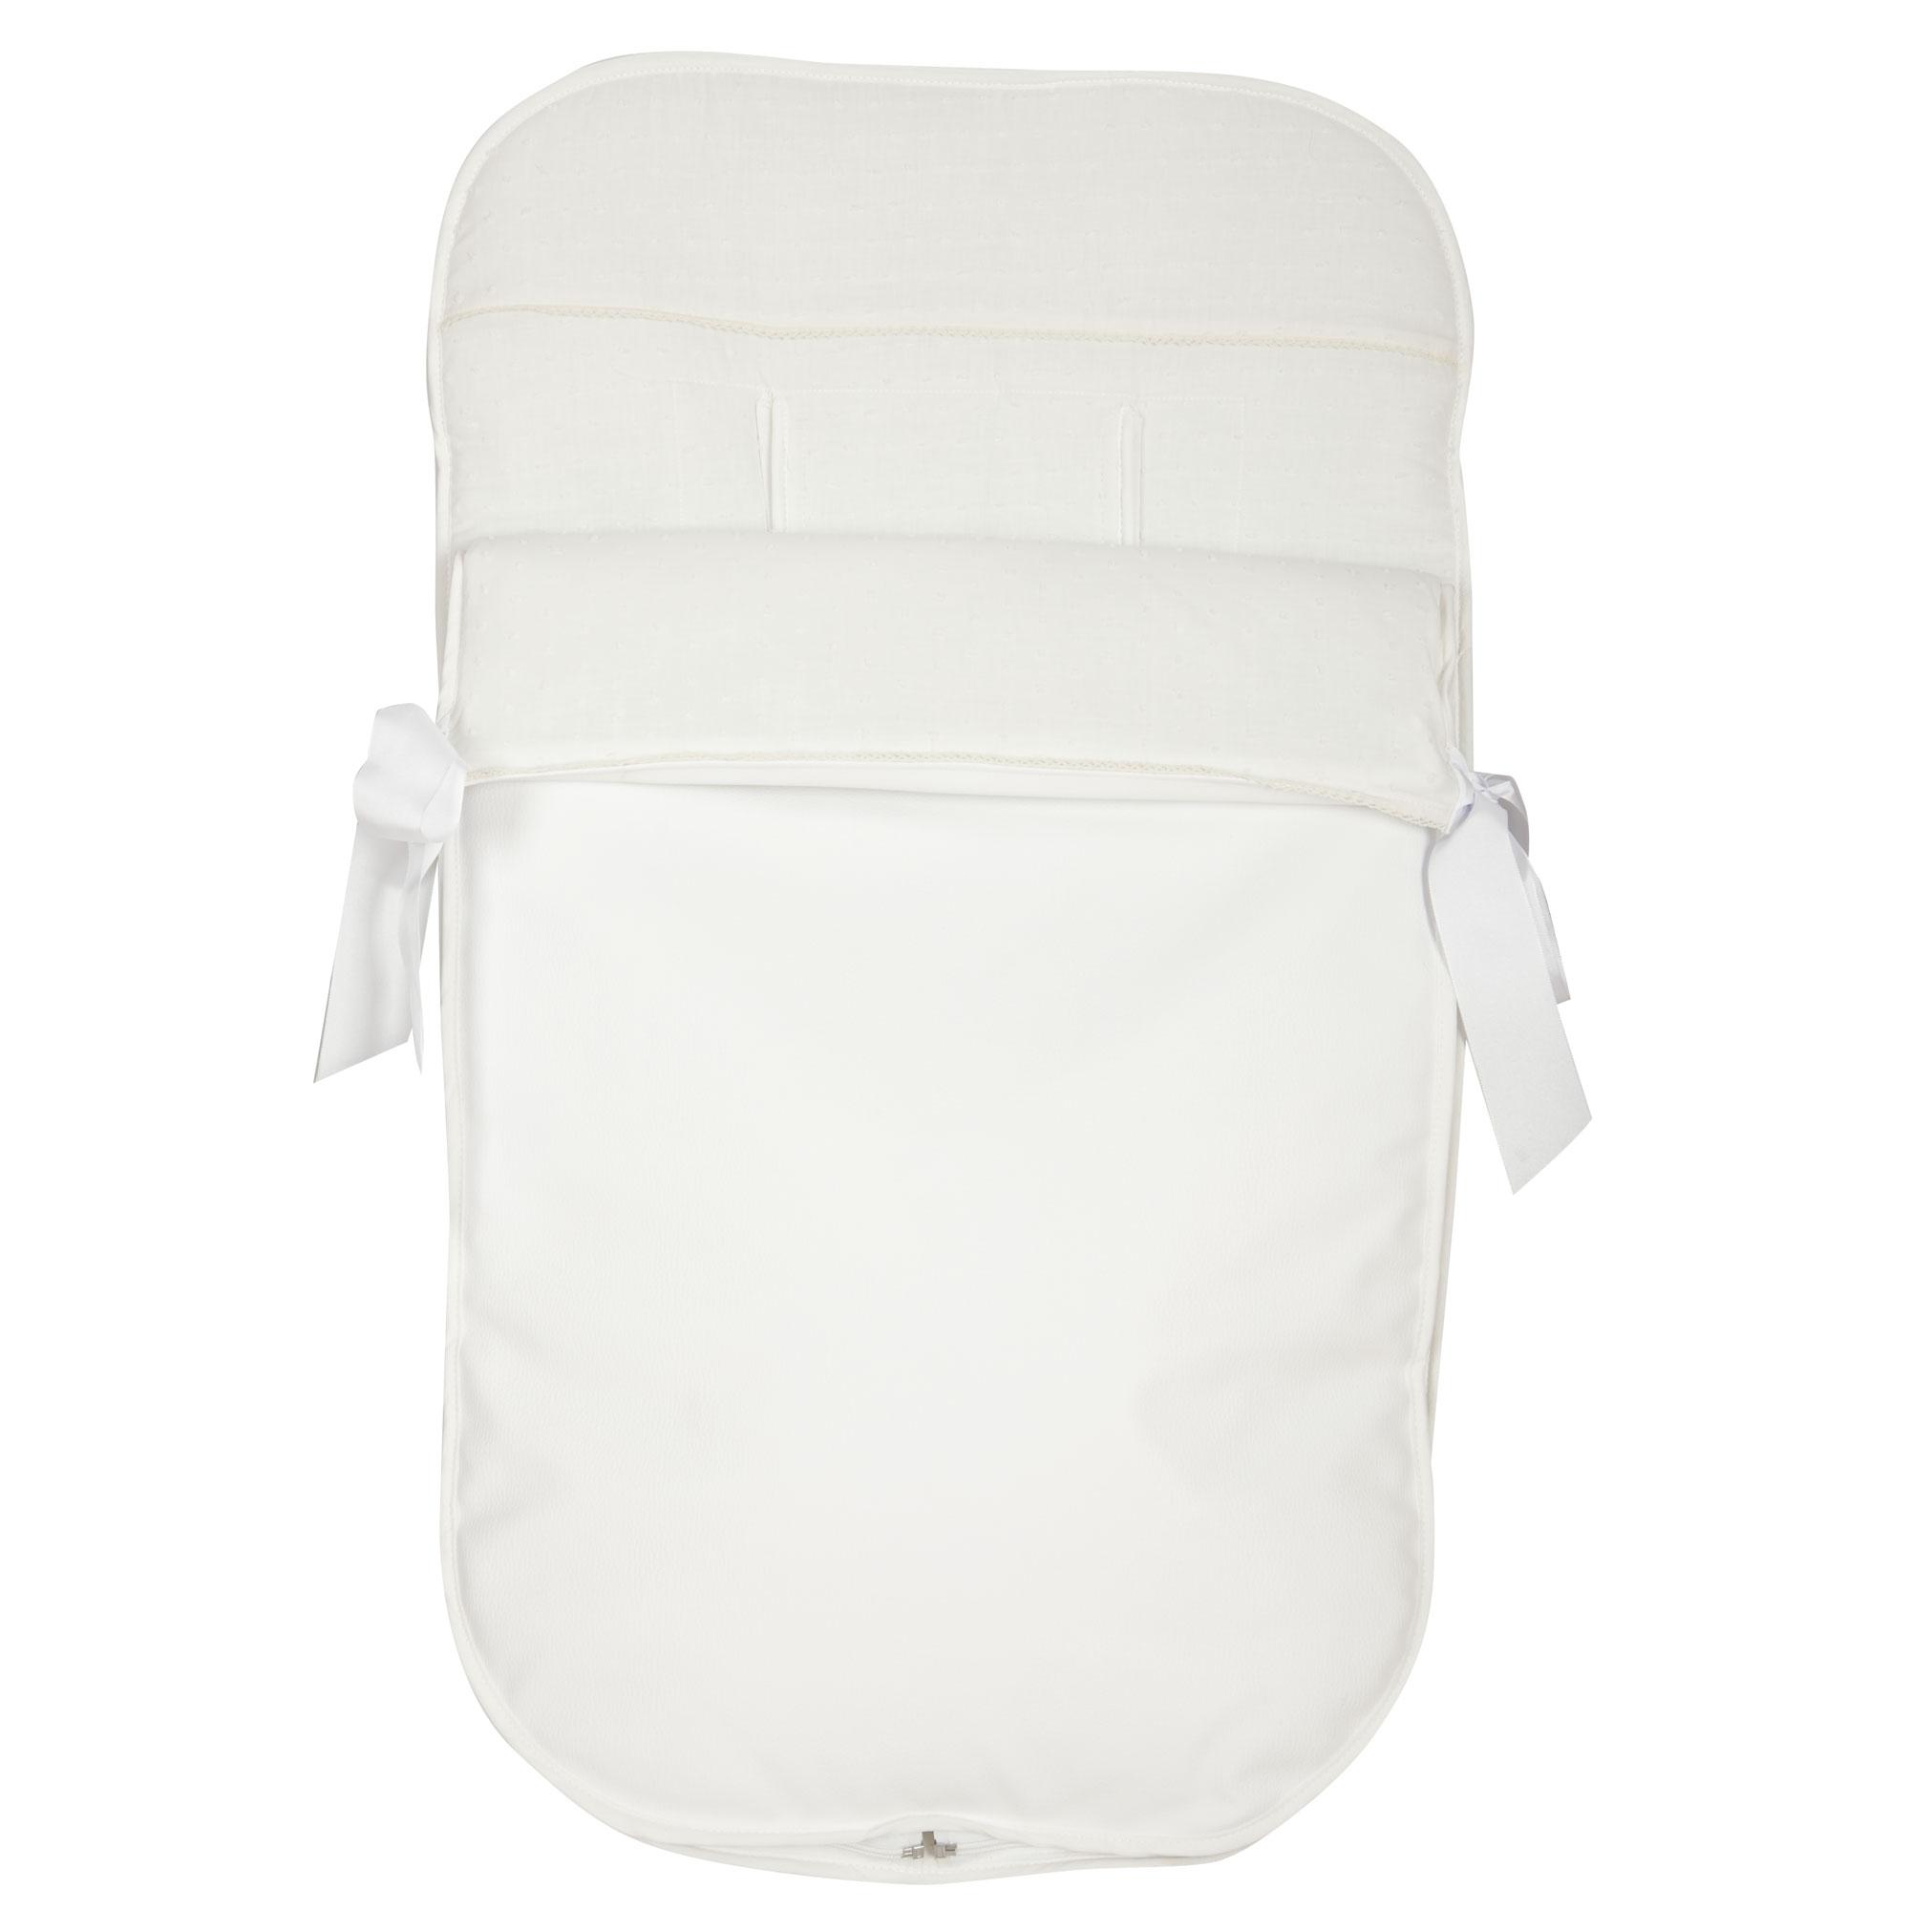 Saco de silla Algodones Blanco